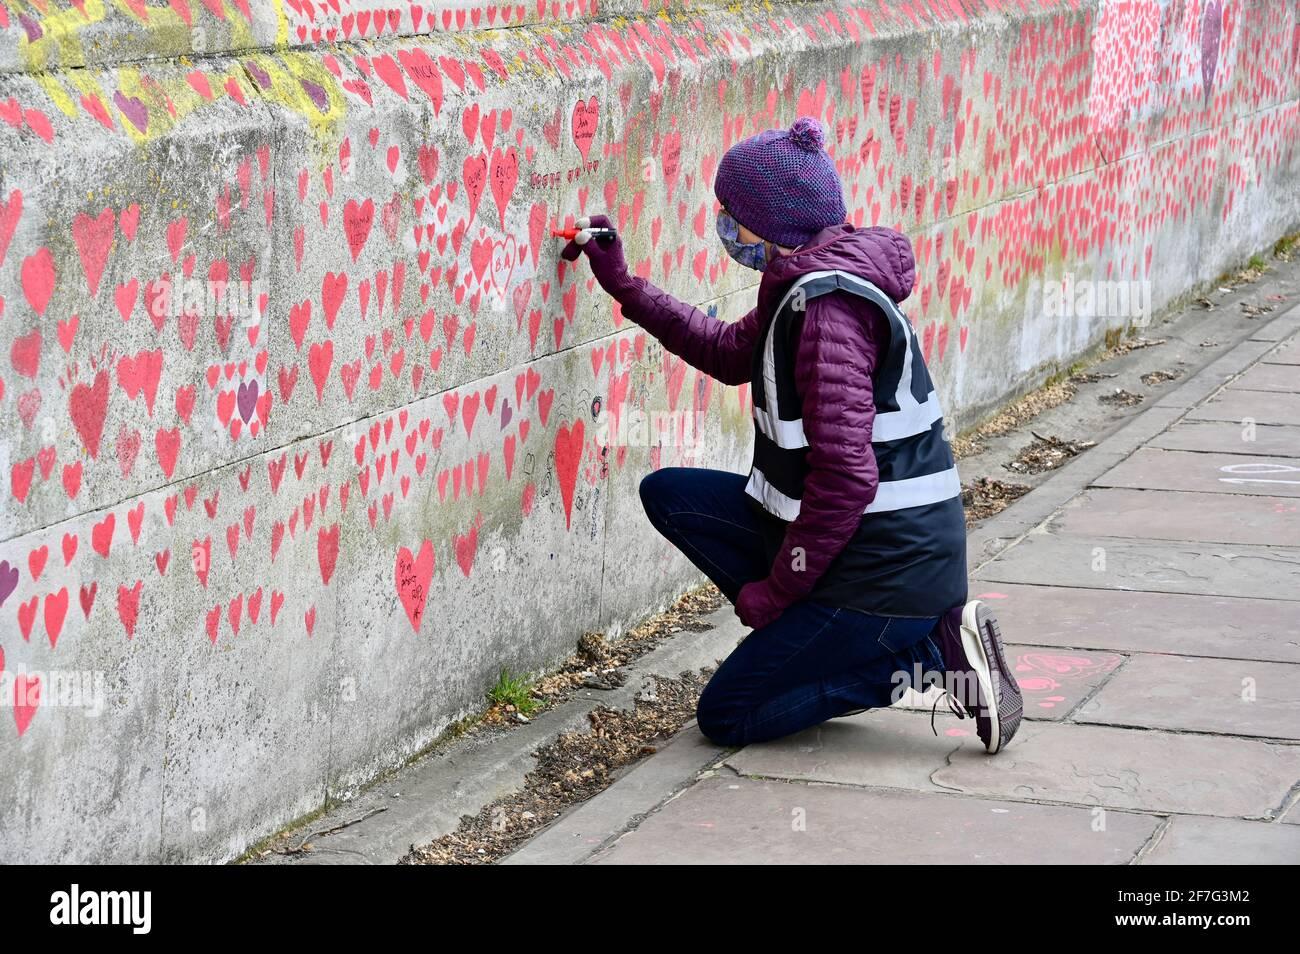 Londra. REGNO UNITO. I cuori continuano ad essere aggiunti al National Covid Memorial Wall presso il St. Thomas' Hospital Westminster, in memoria di coloro che sono morti per coronavirus durante la pandemia. Foto Stock